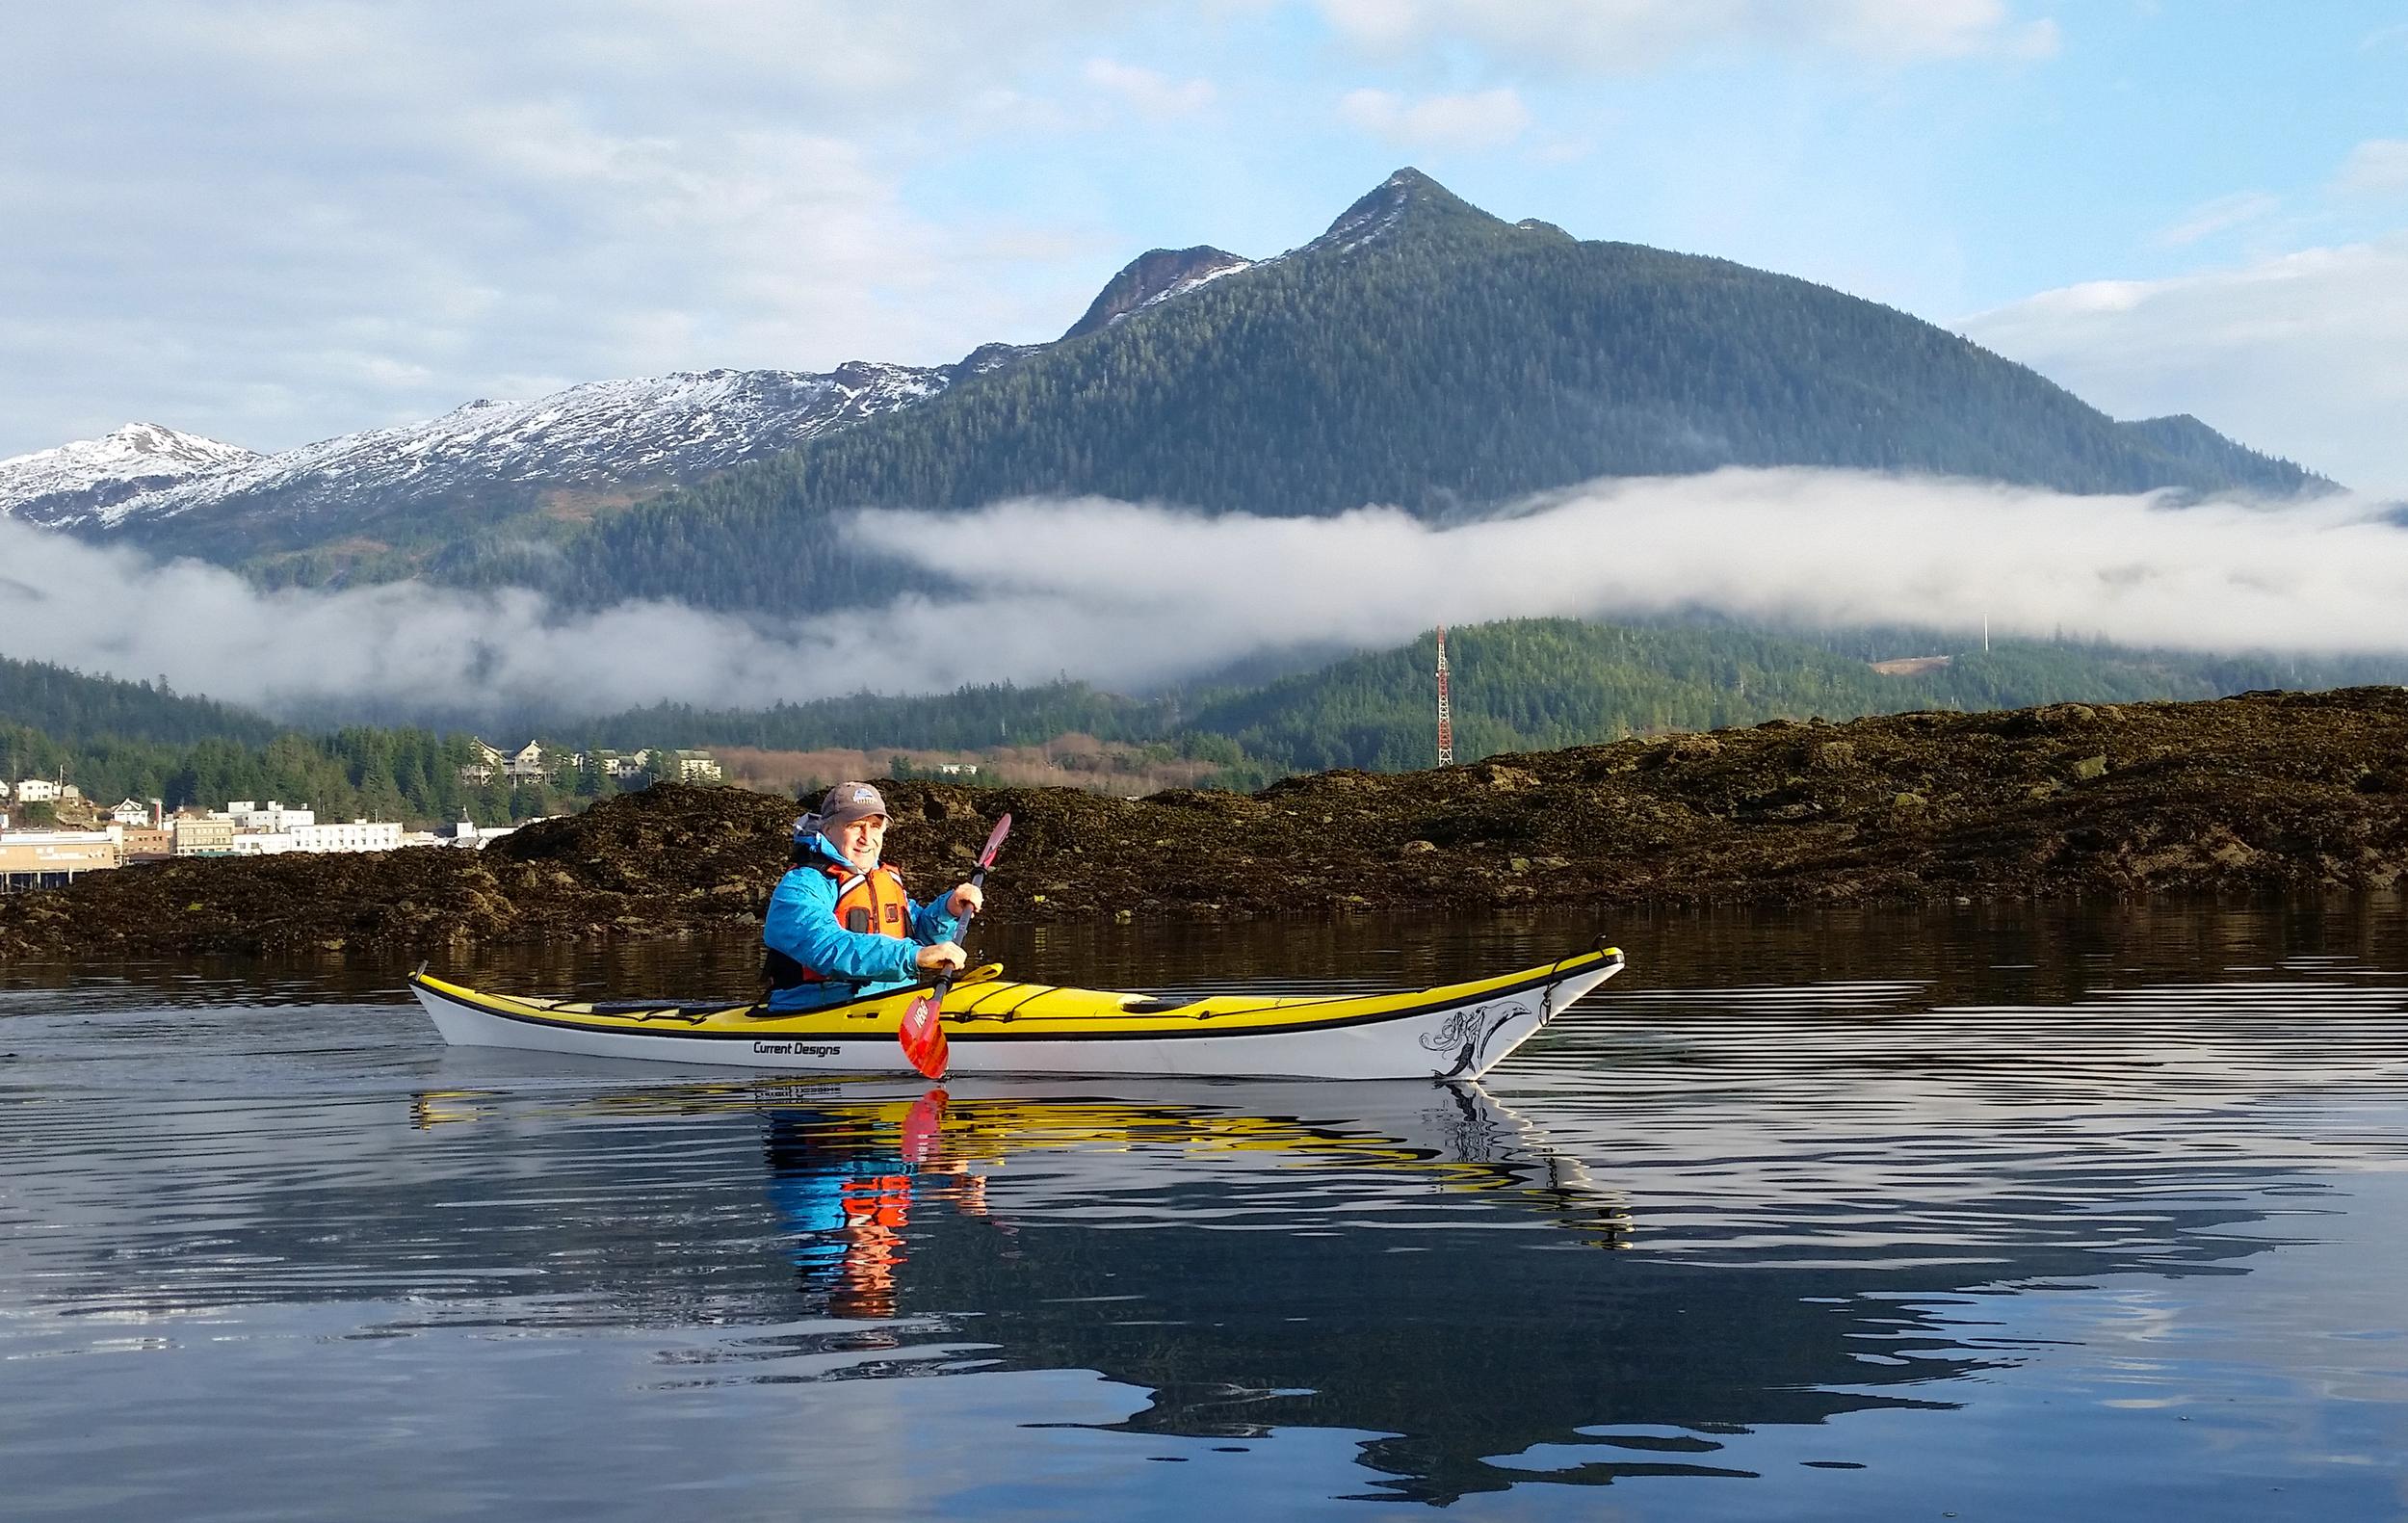 Greg paddling near Ketchikan, Alaska